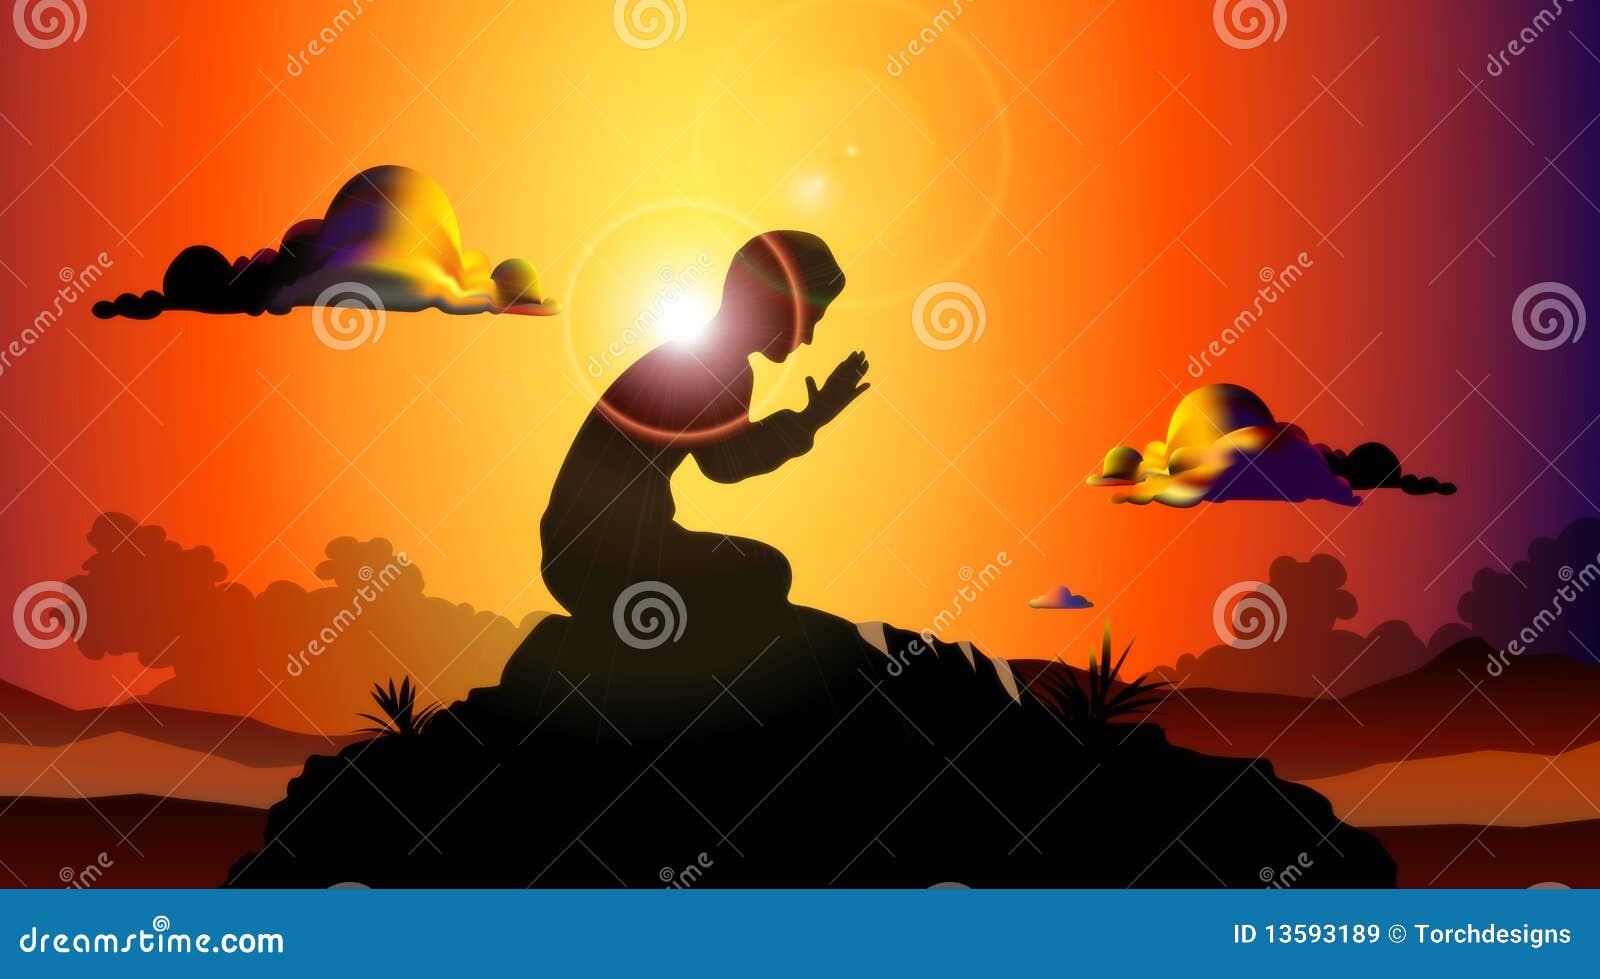 Beten am Sonnenuntergang stock abbildung. Illustration von gebete ...